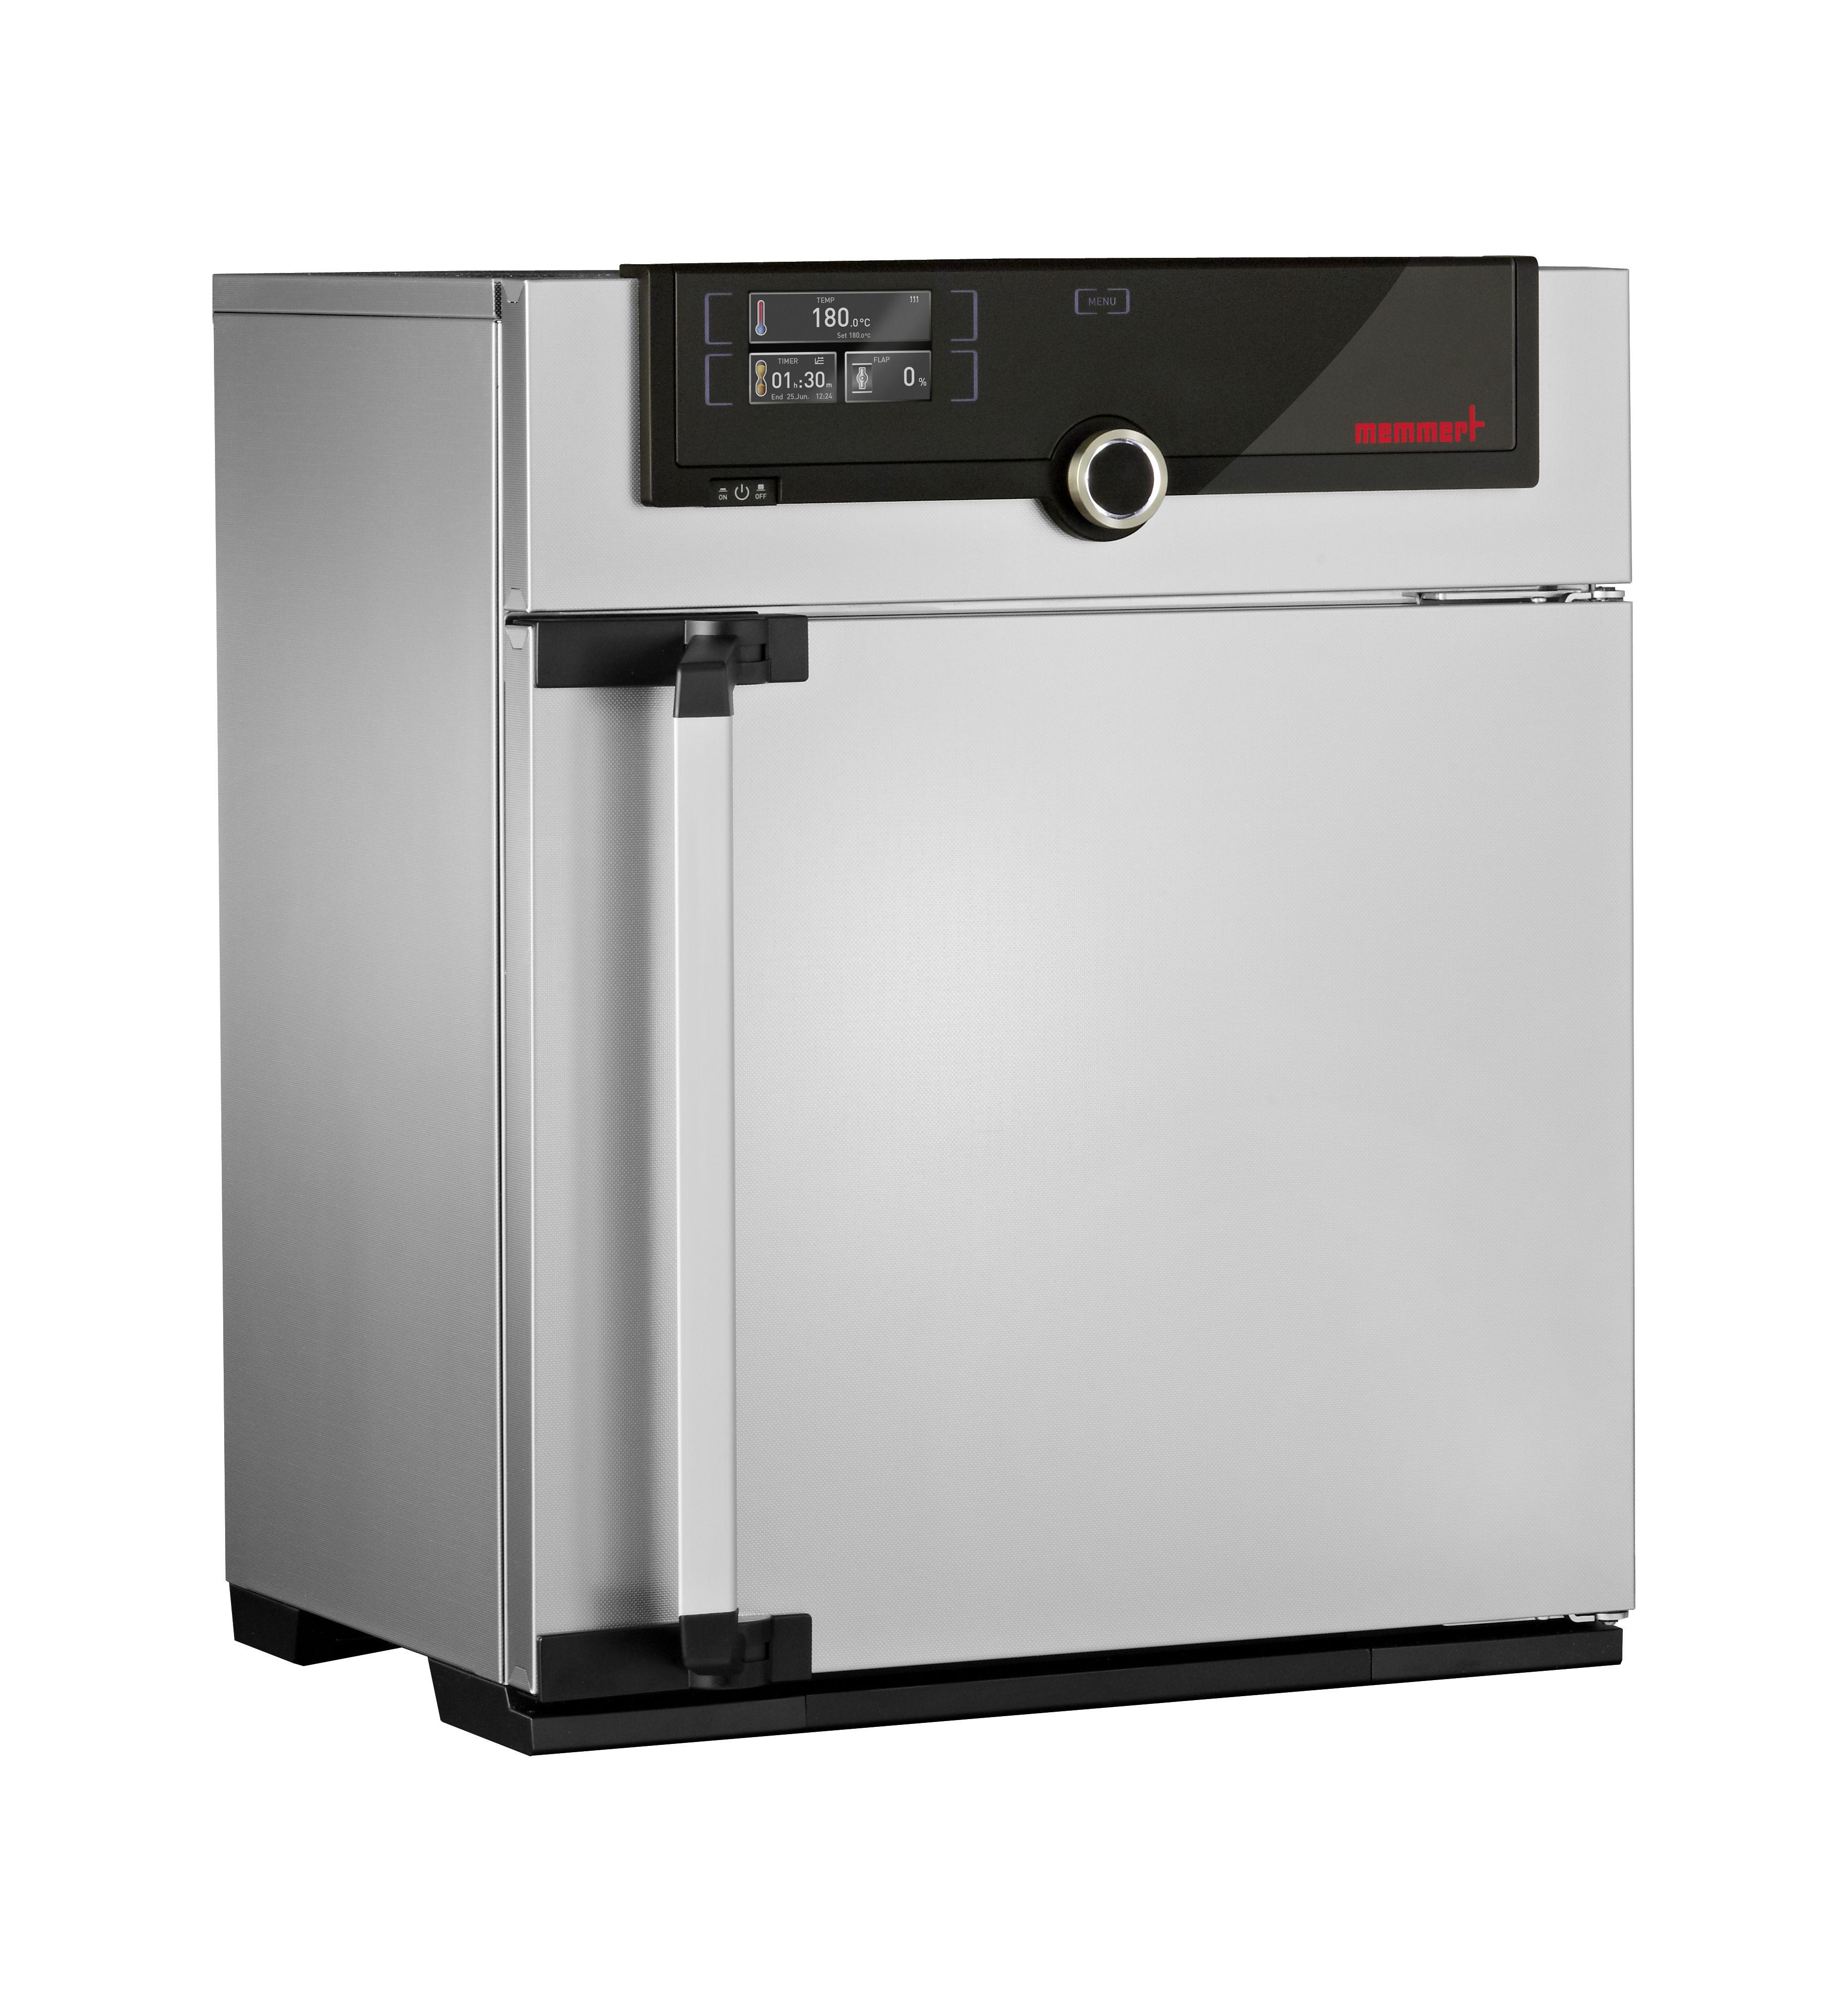 UN30 Lab Oven